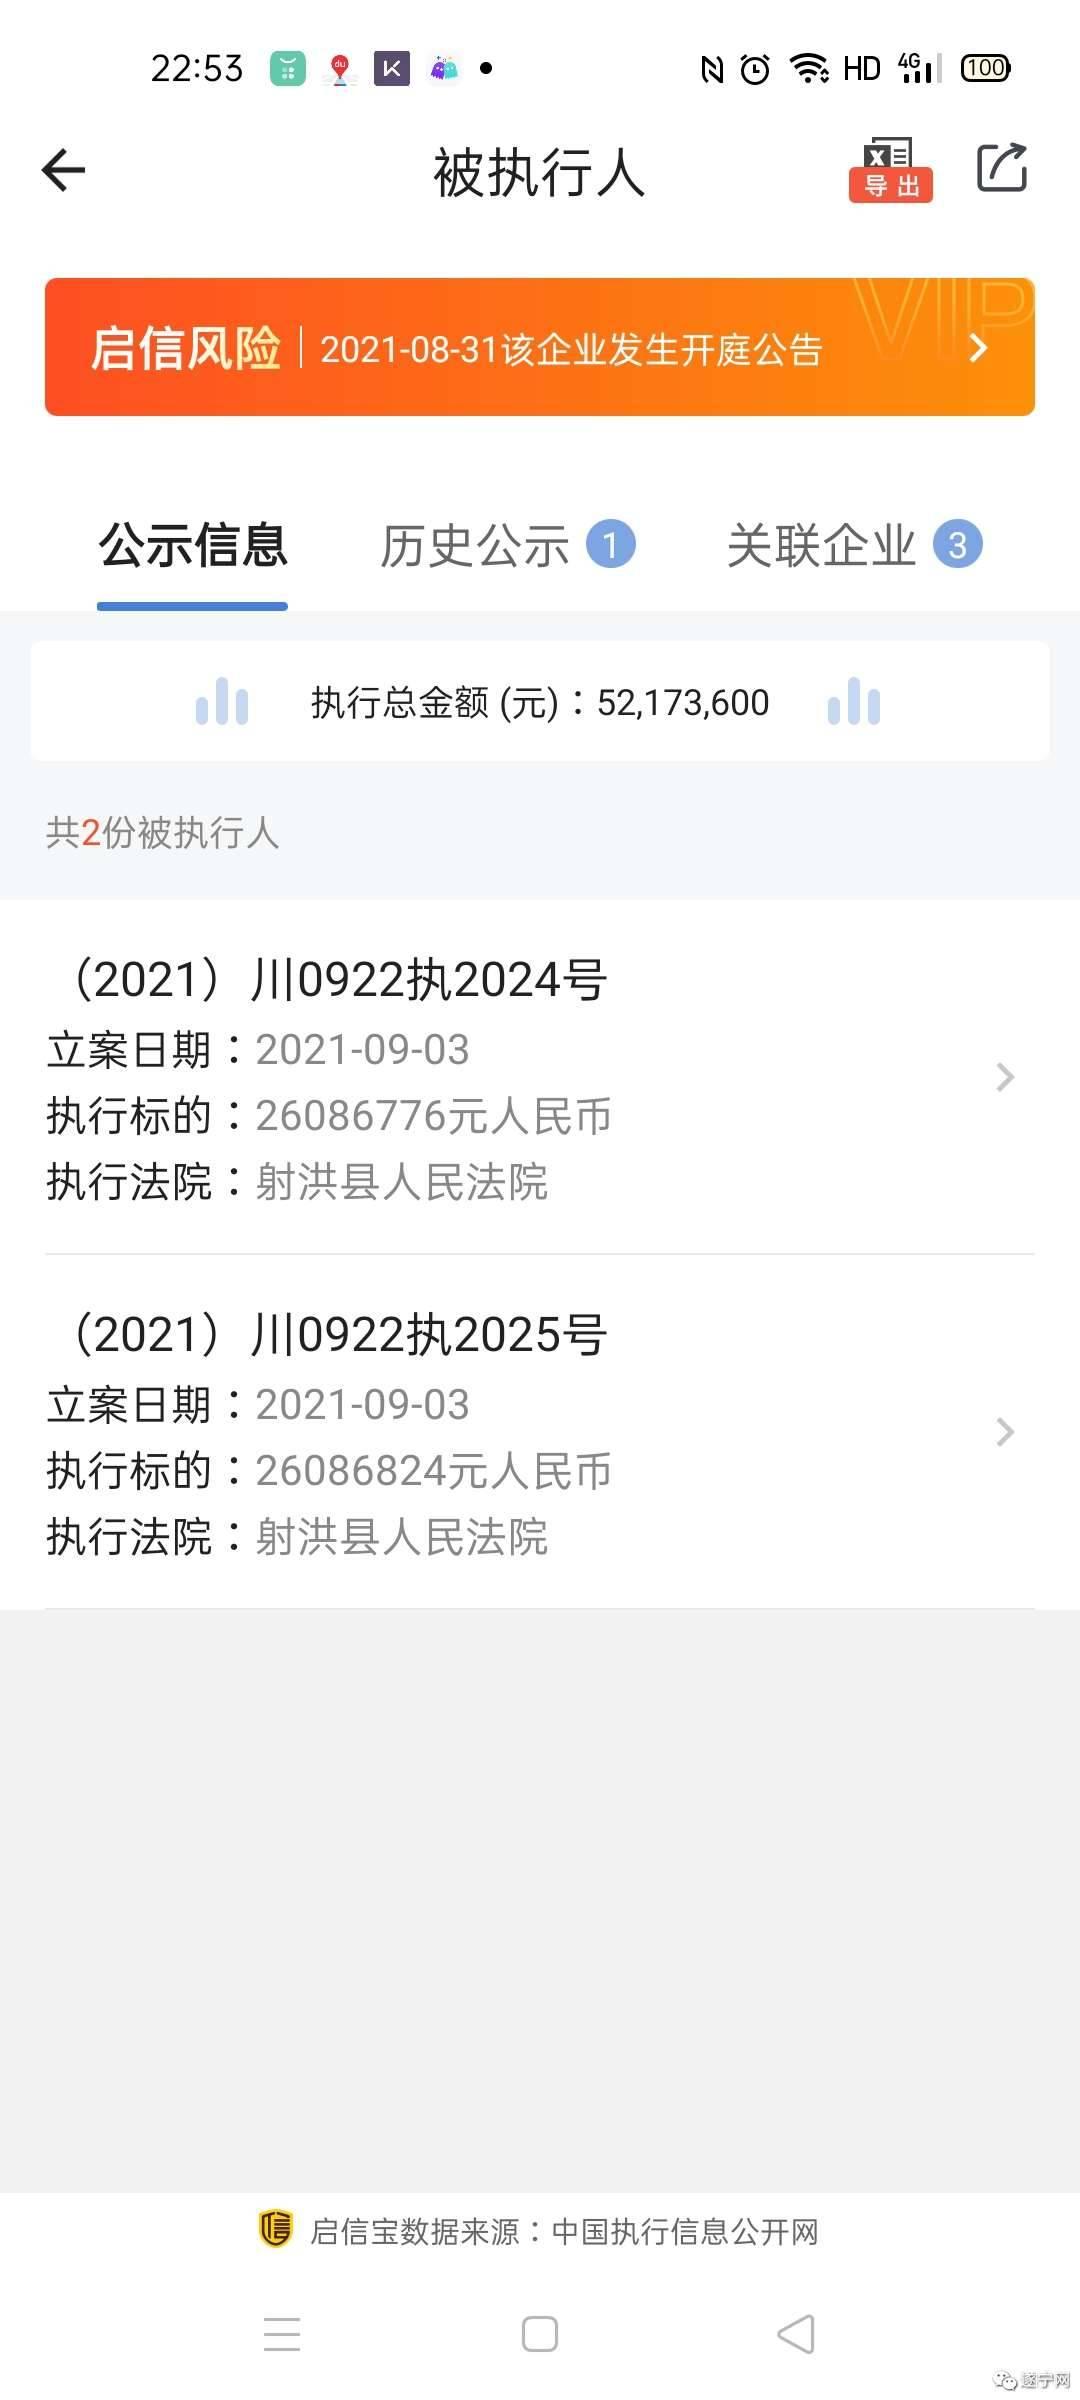 Screenshot_2021-09-30-22-53-06-34.jpg